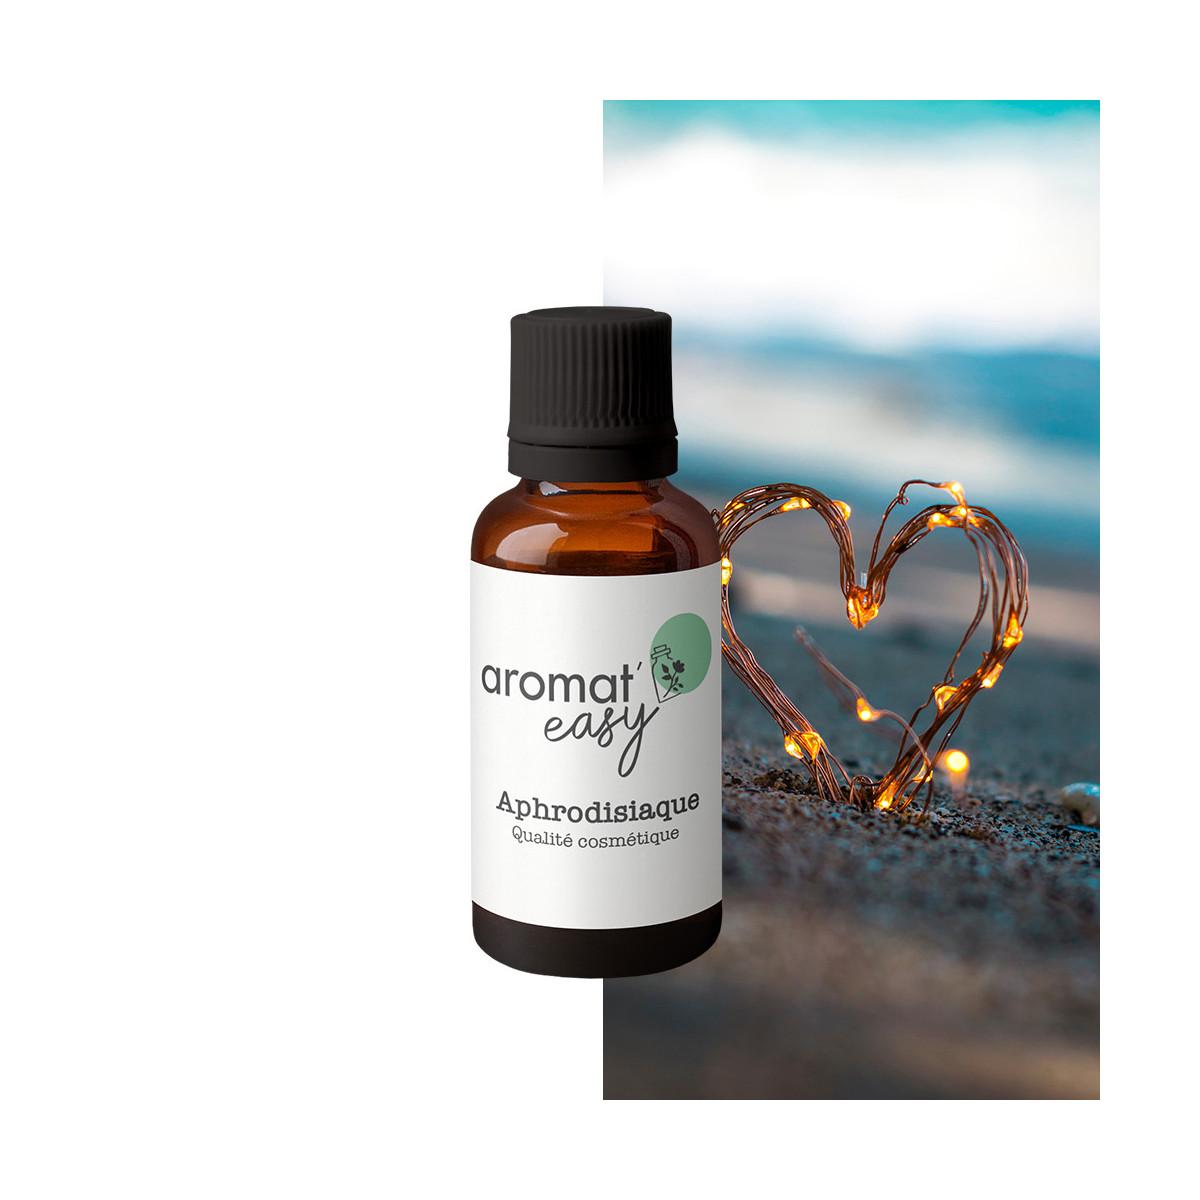 Fragrance Aphrodisiaque